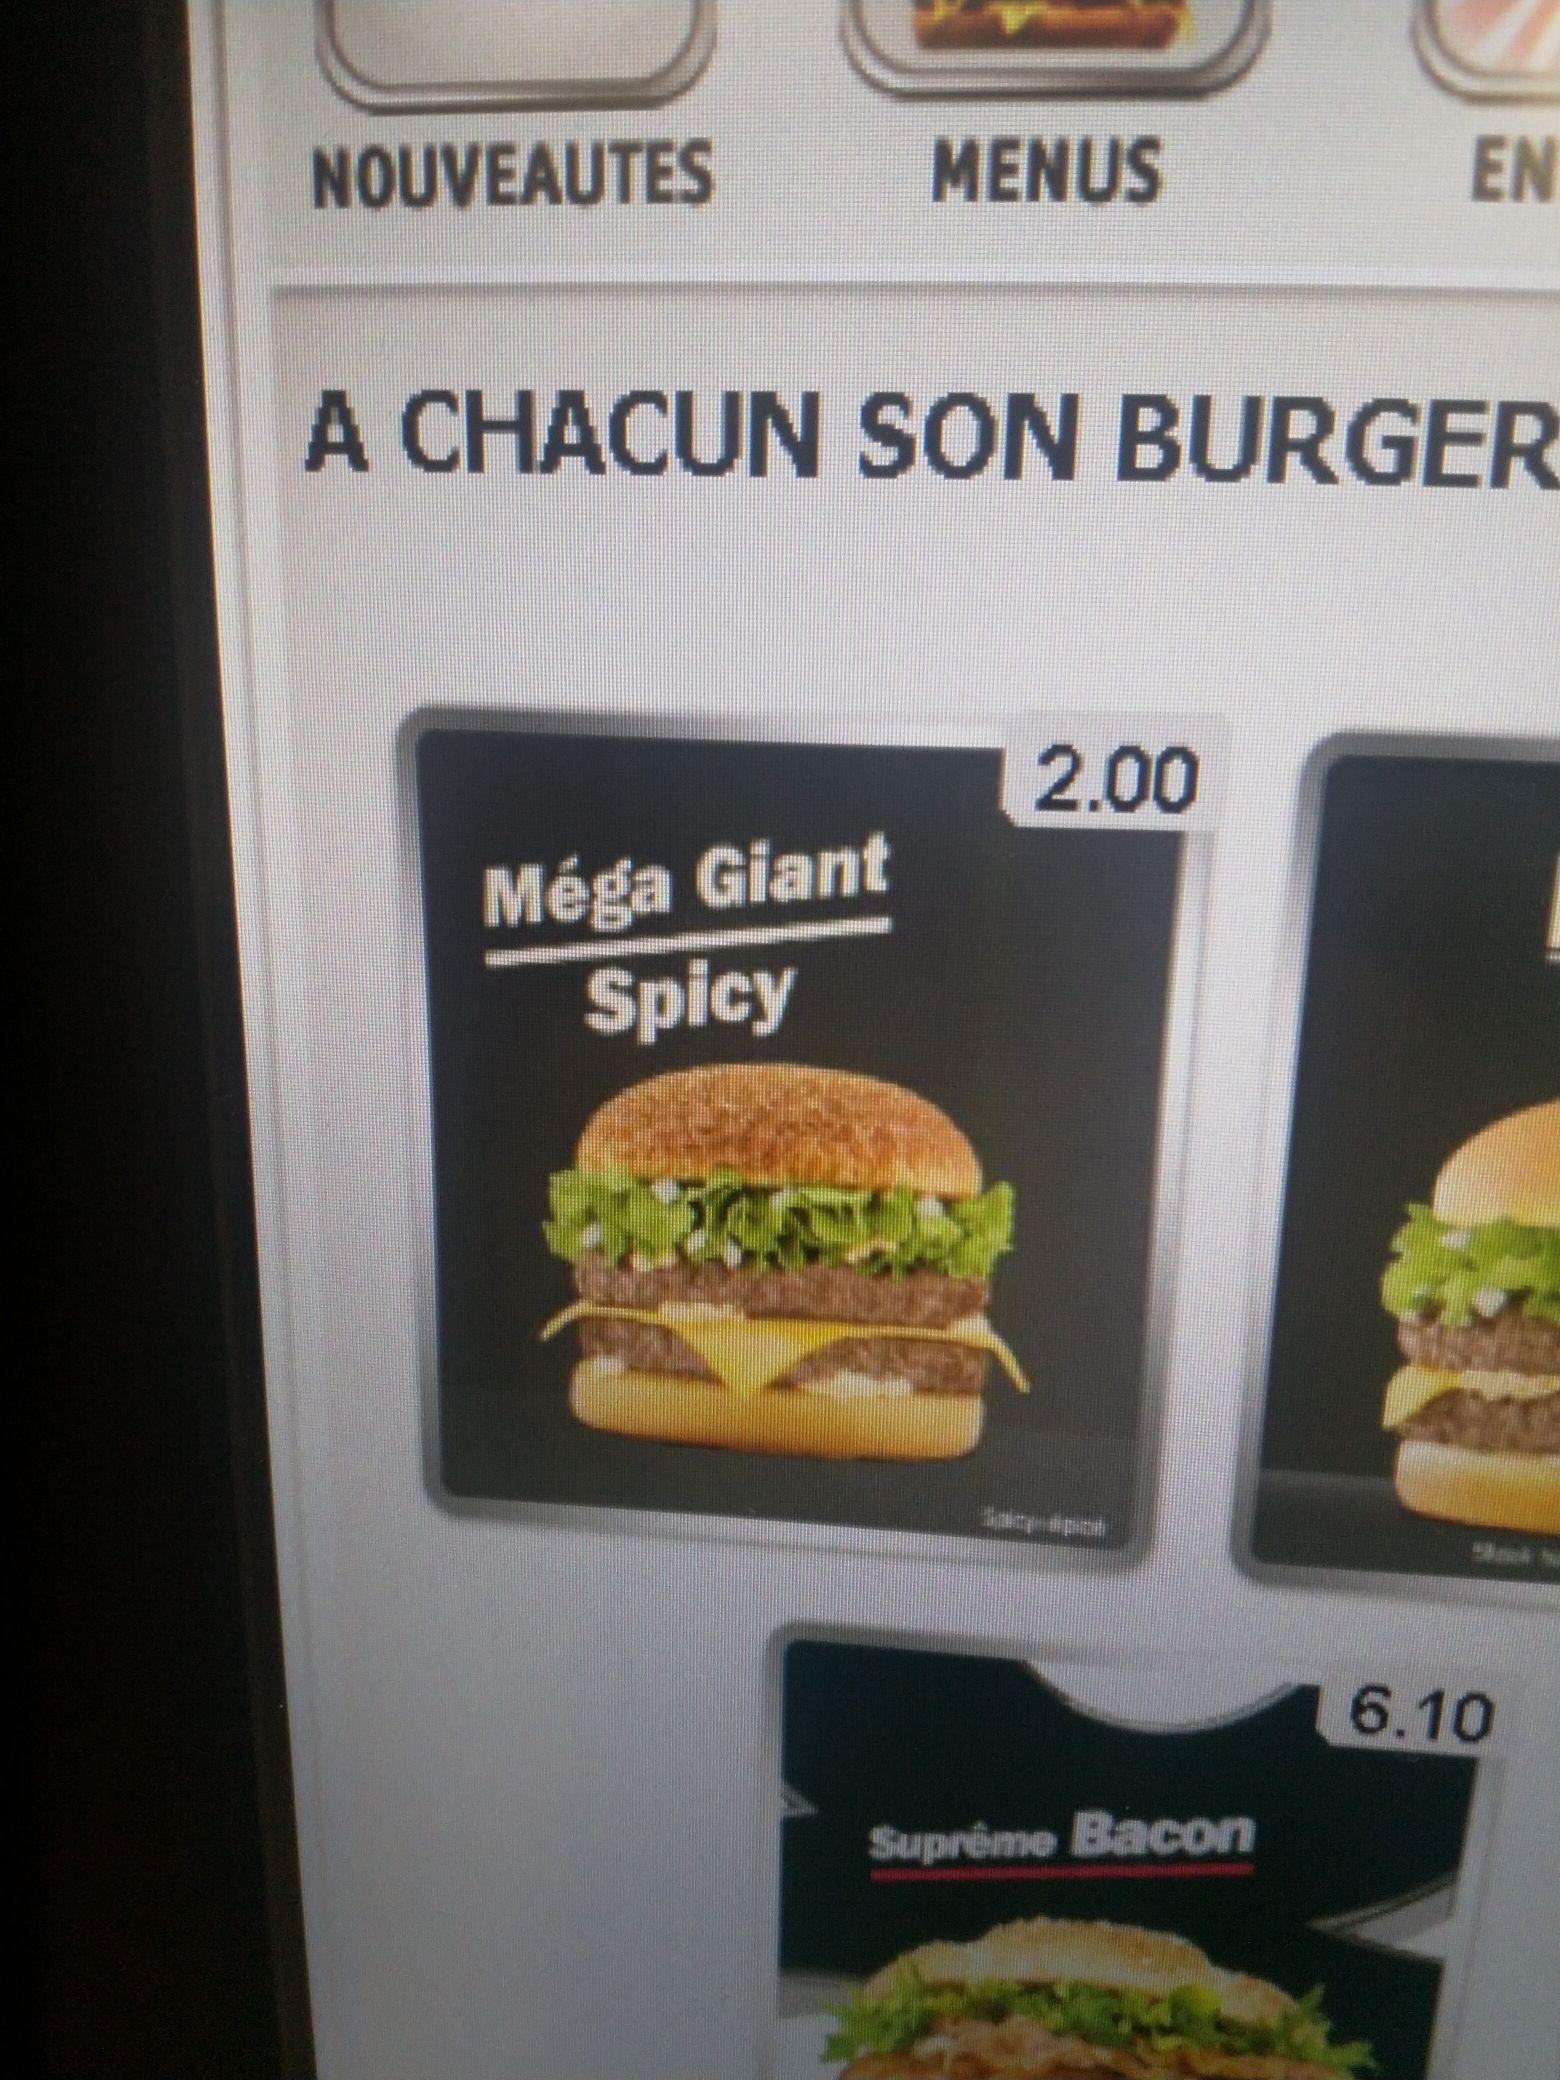 Burger Méga Giants Spicy - Saint Etienne Rond Point (42)